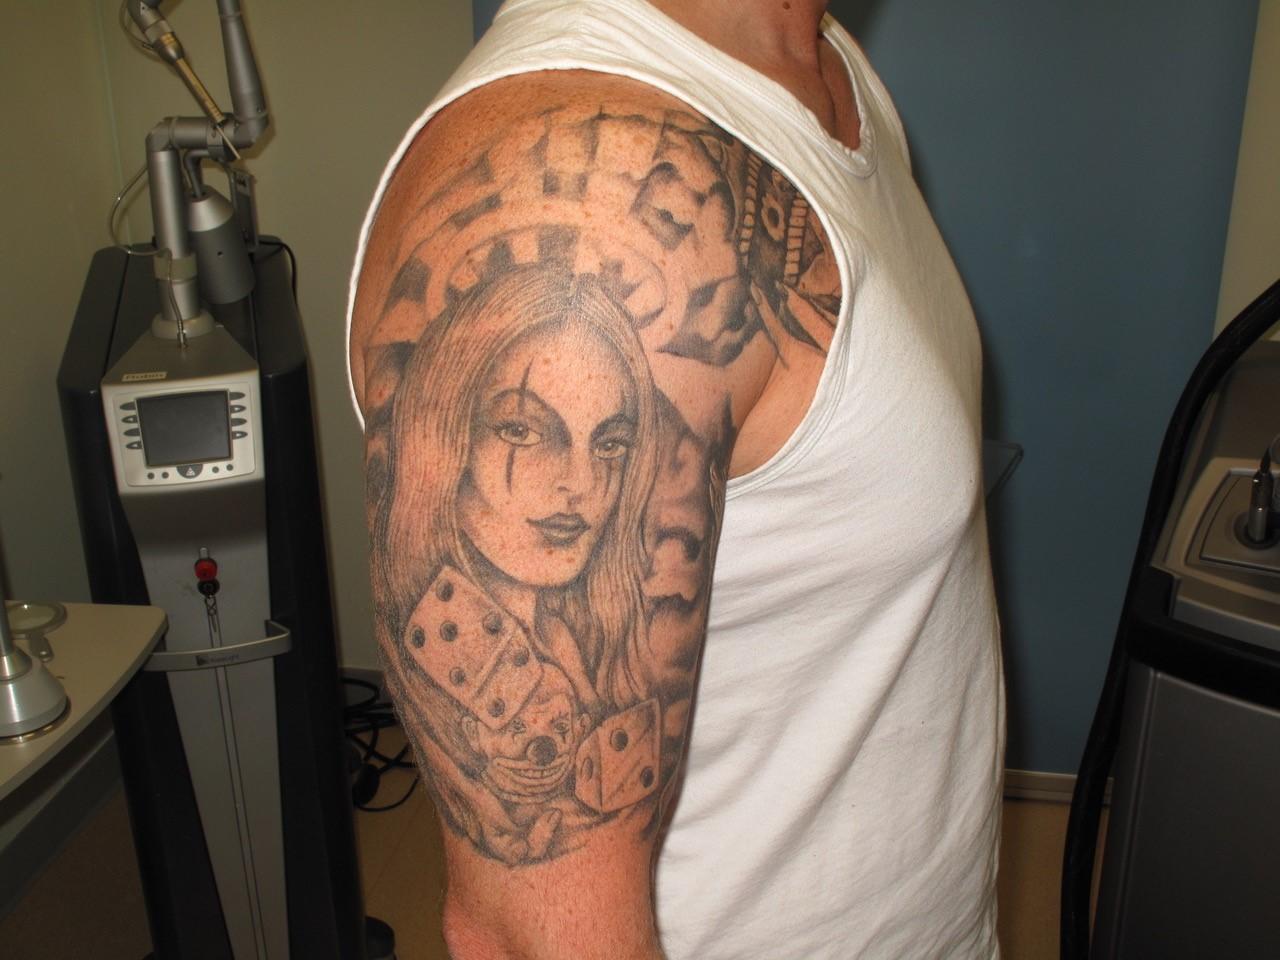 Tattooentfernung am Arm mittels Laser